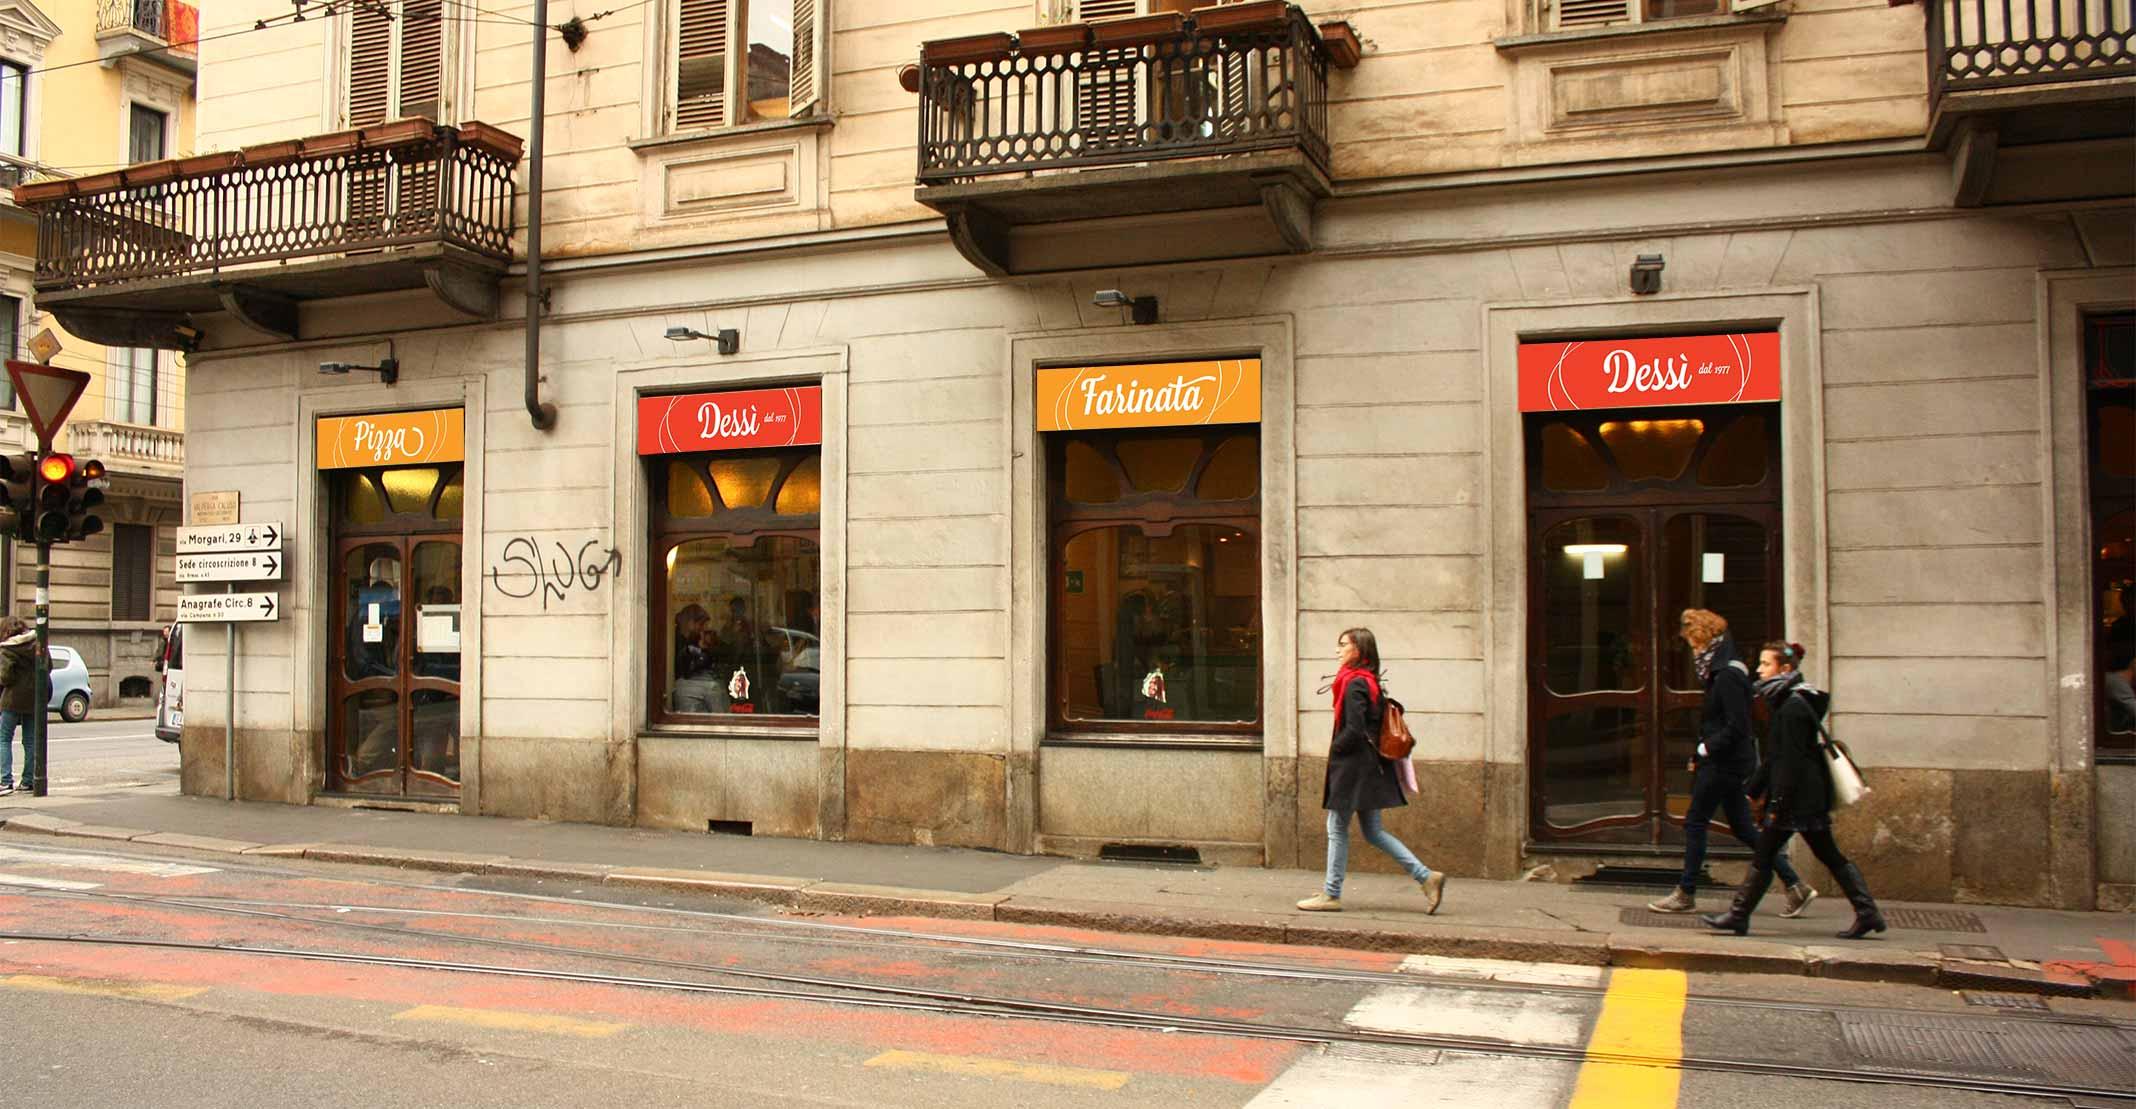 Ufficio Anagrafe A Torino : Venerdì e sabato chiuso l ufficio anagrafe tg vercelli